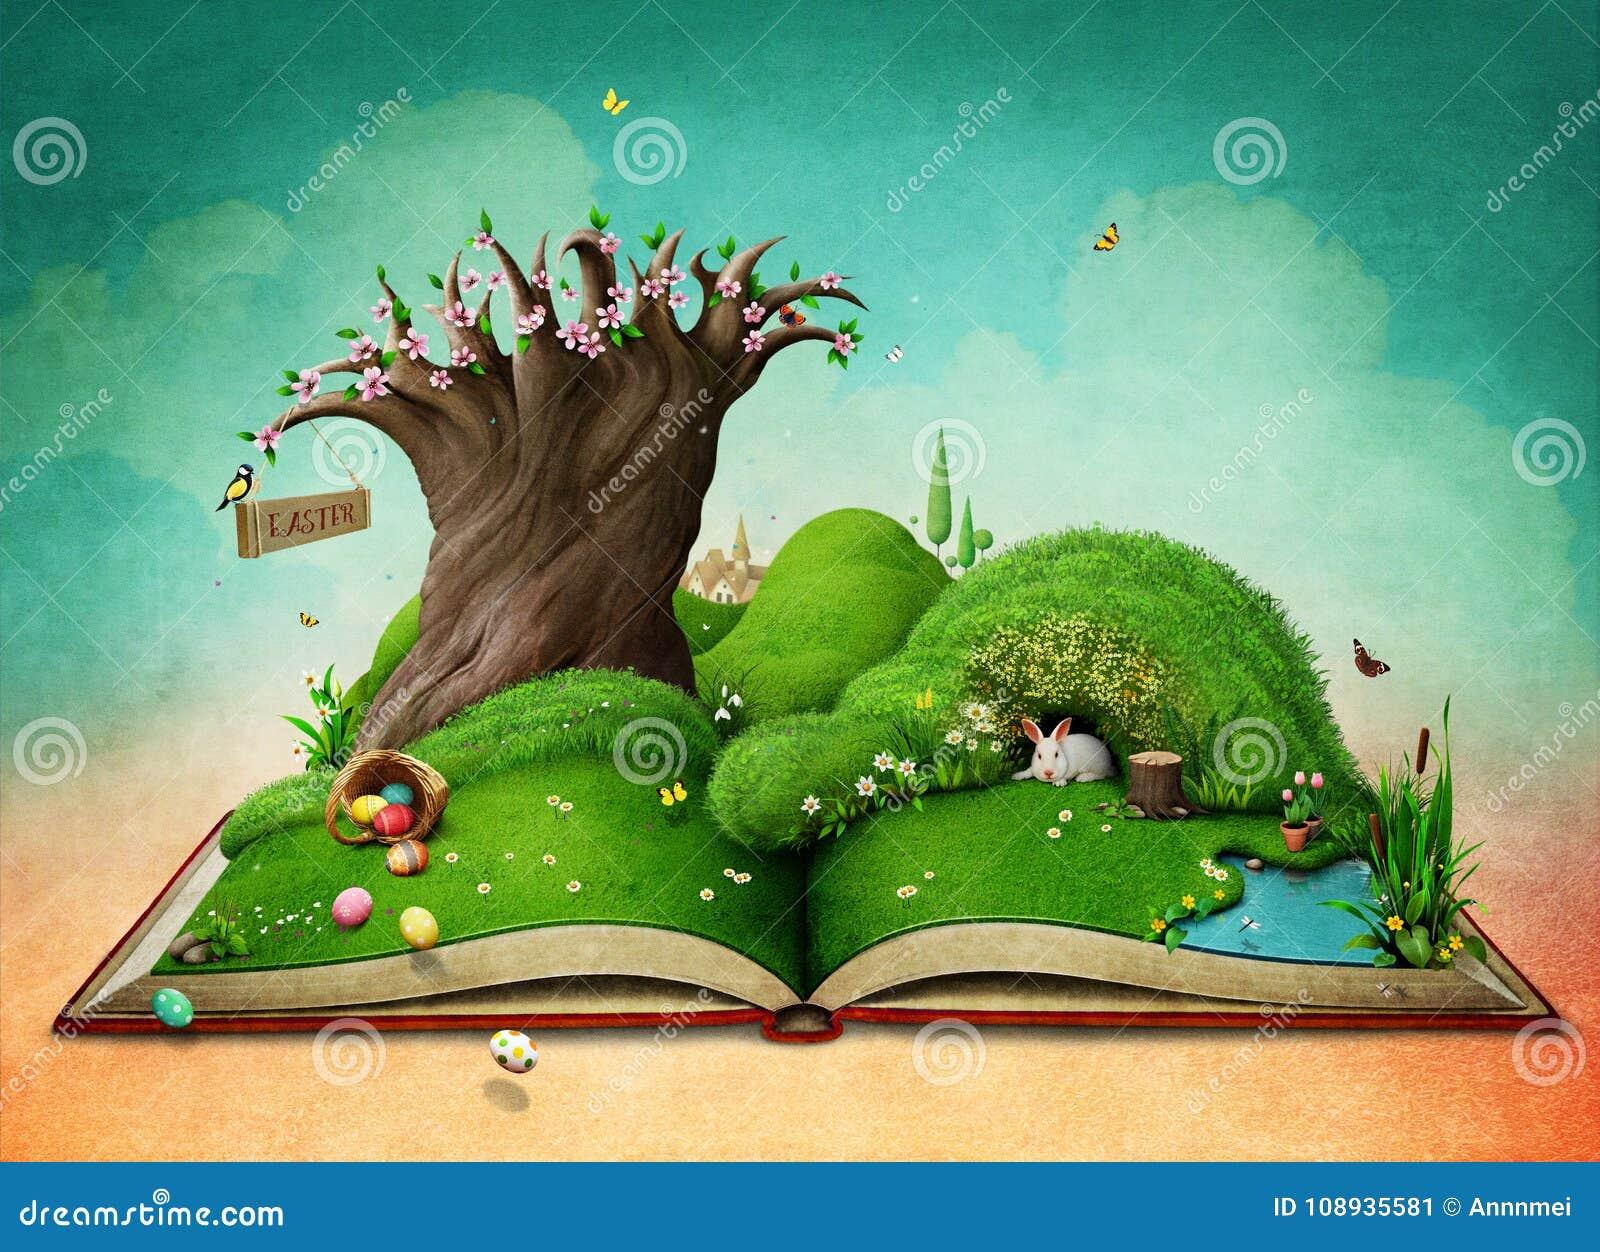 Easter Spring Landscape On The Book  Stock Illustration